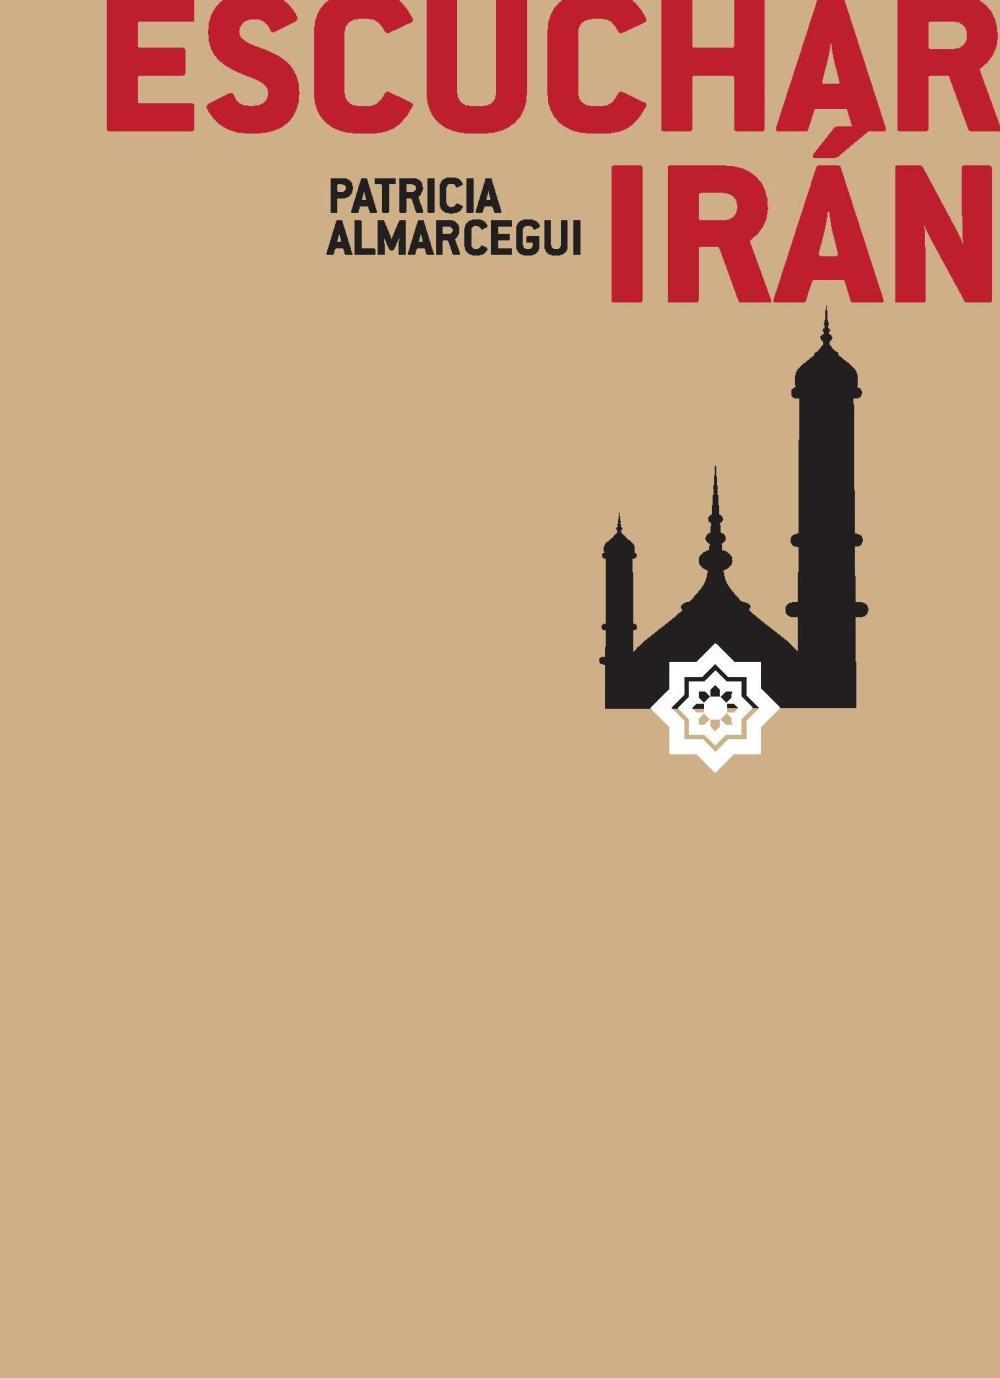 Escuchar Irán